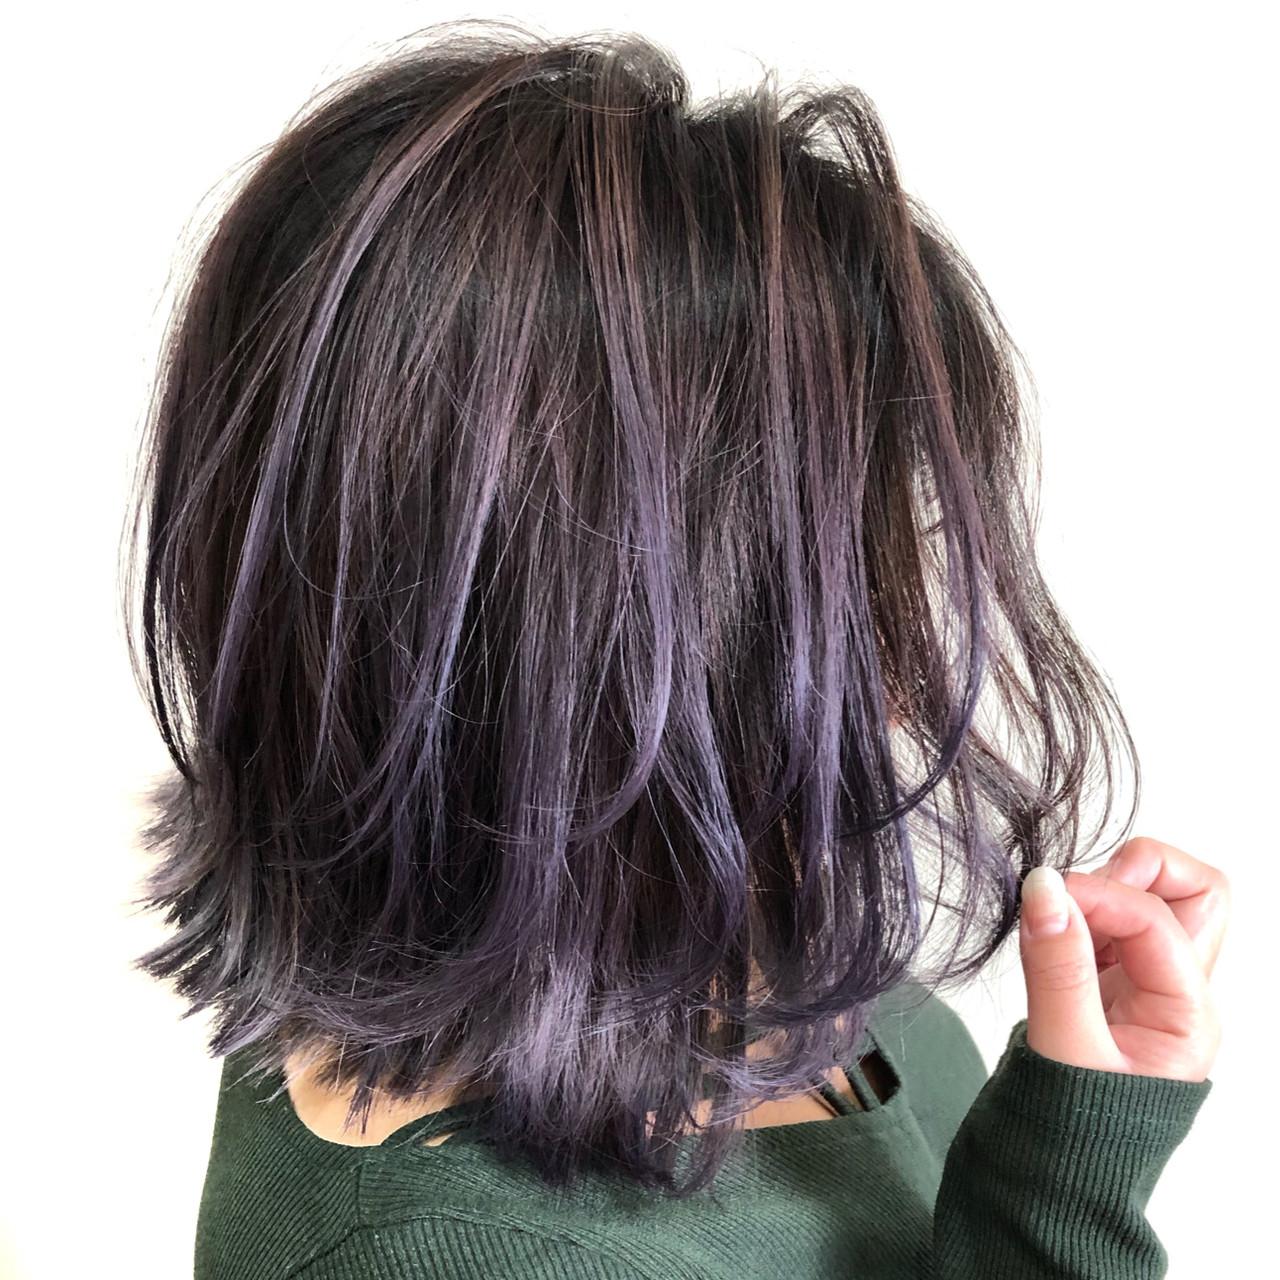 外国人風カラー フェミニン ピンクパープル バレイヤージュ ヘアスタイルや髪型の写真・画像 | 蝦名貴之 / KINTARO